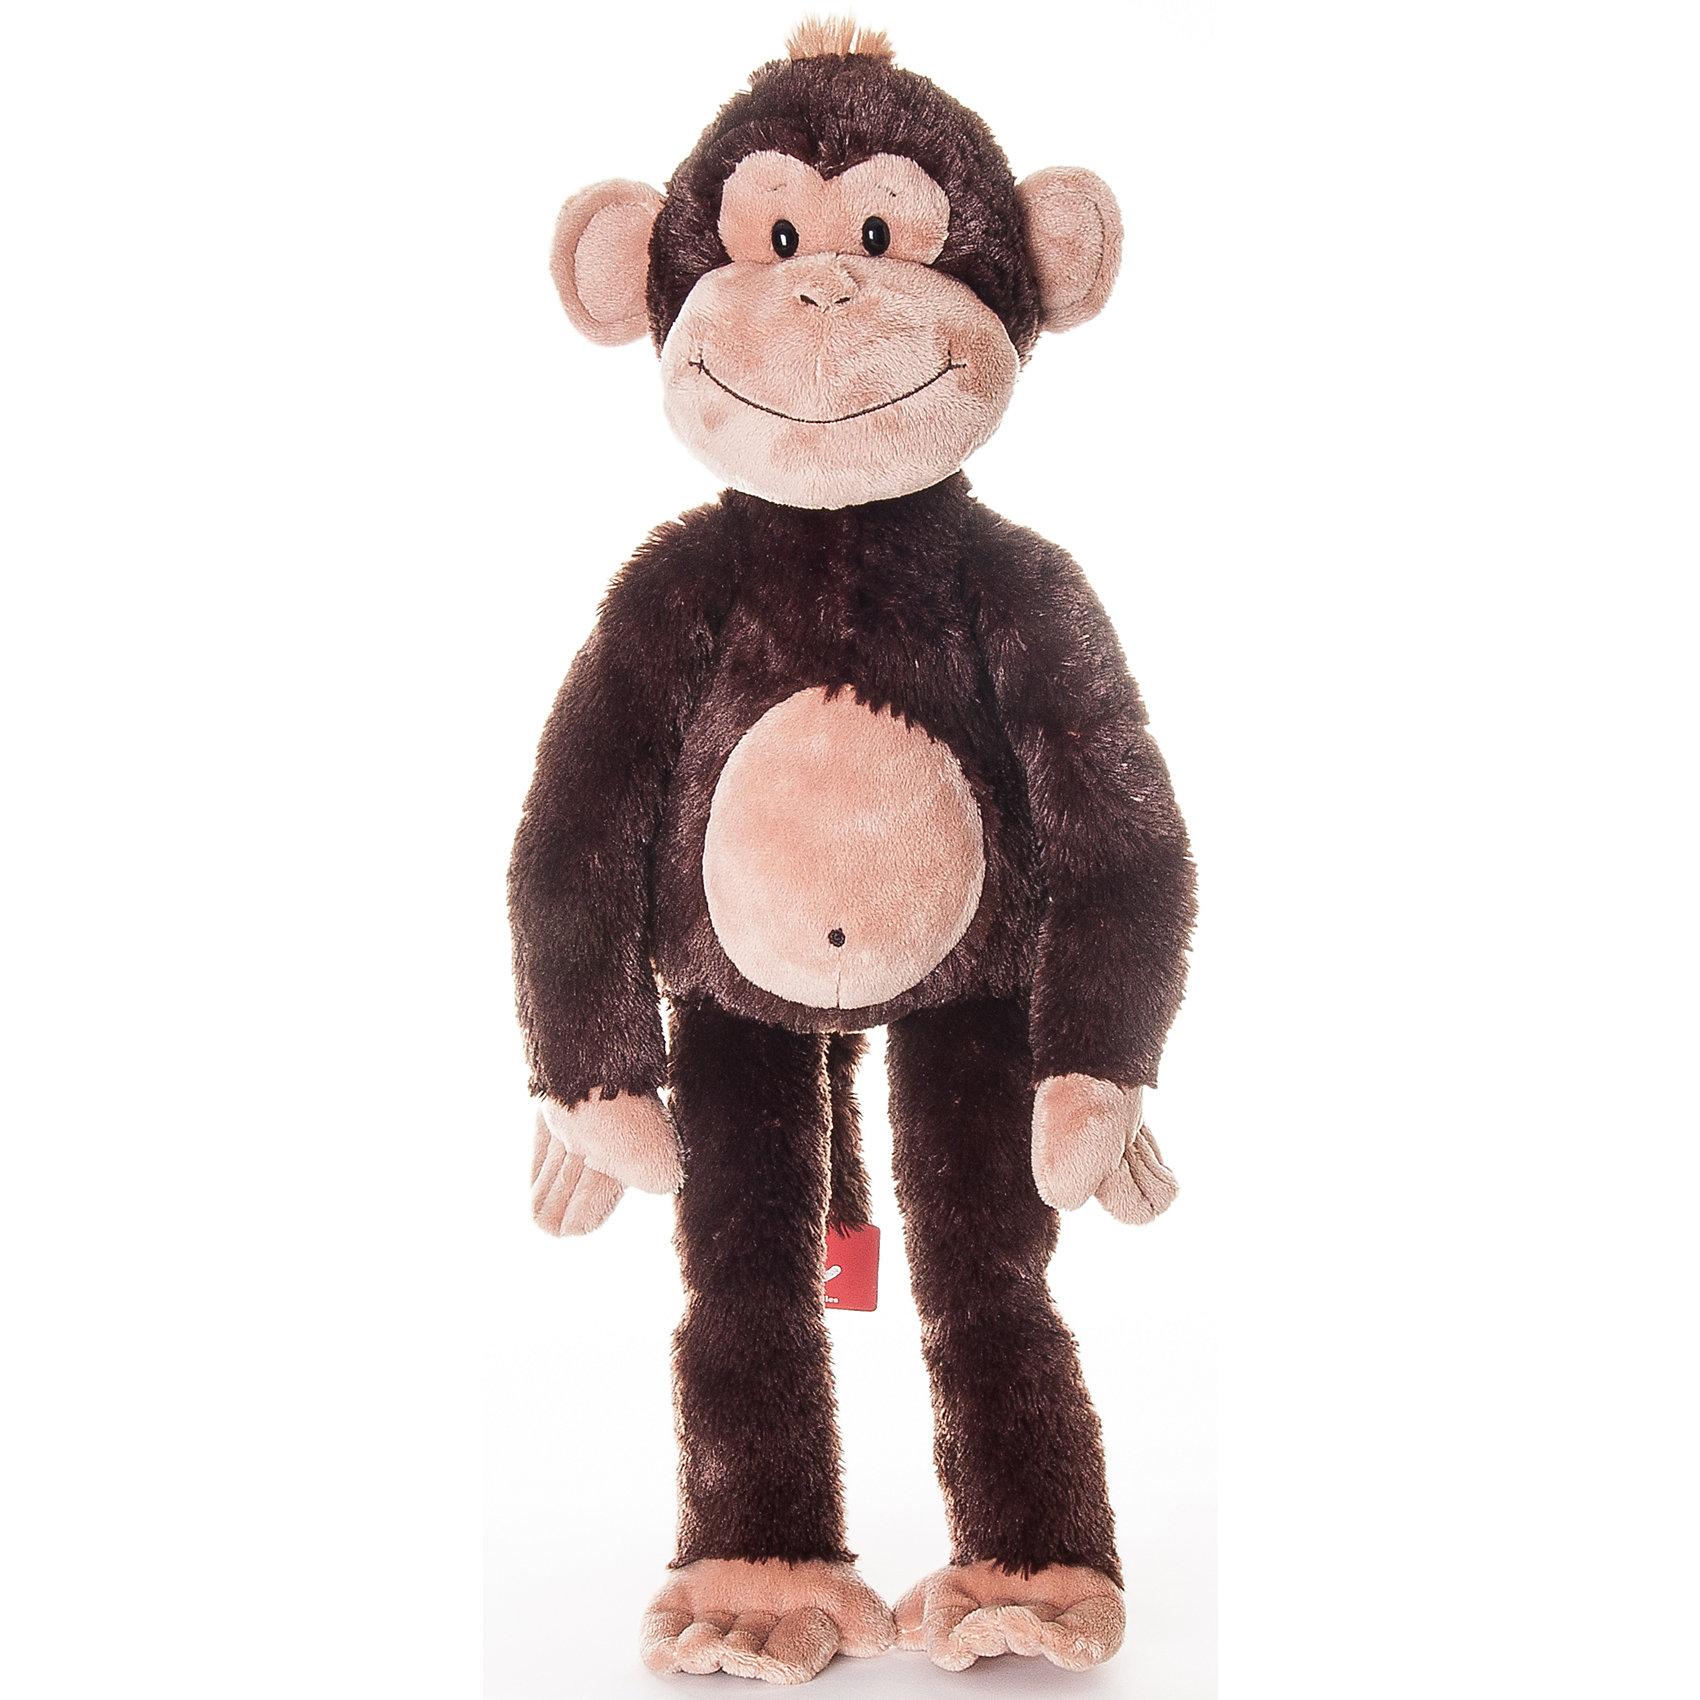 AURORA Мягкая игрушка Обезьянка Чарли, 40 см., AURORA большую мягкую игрушку собаку лежа в москве